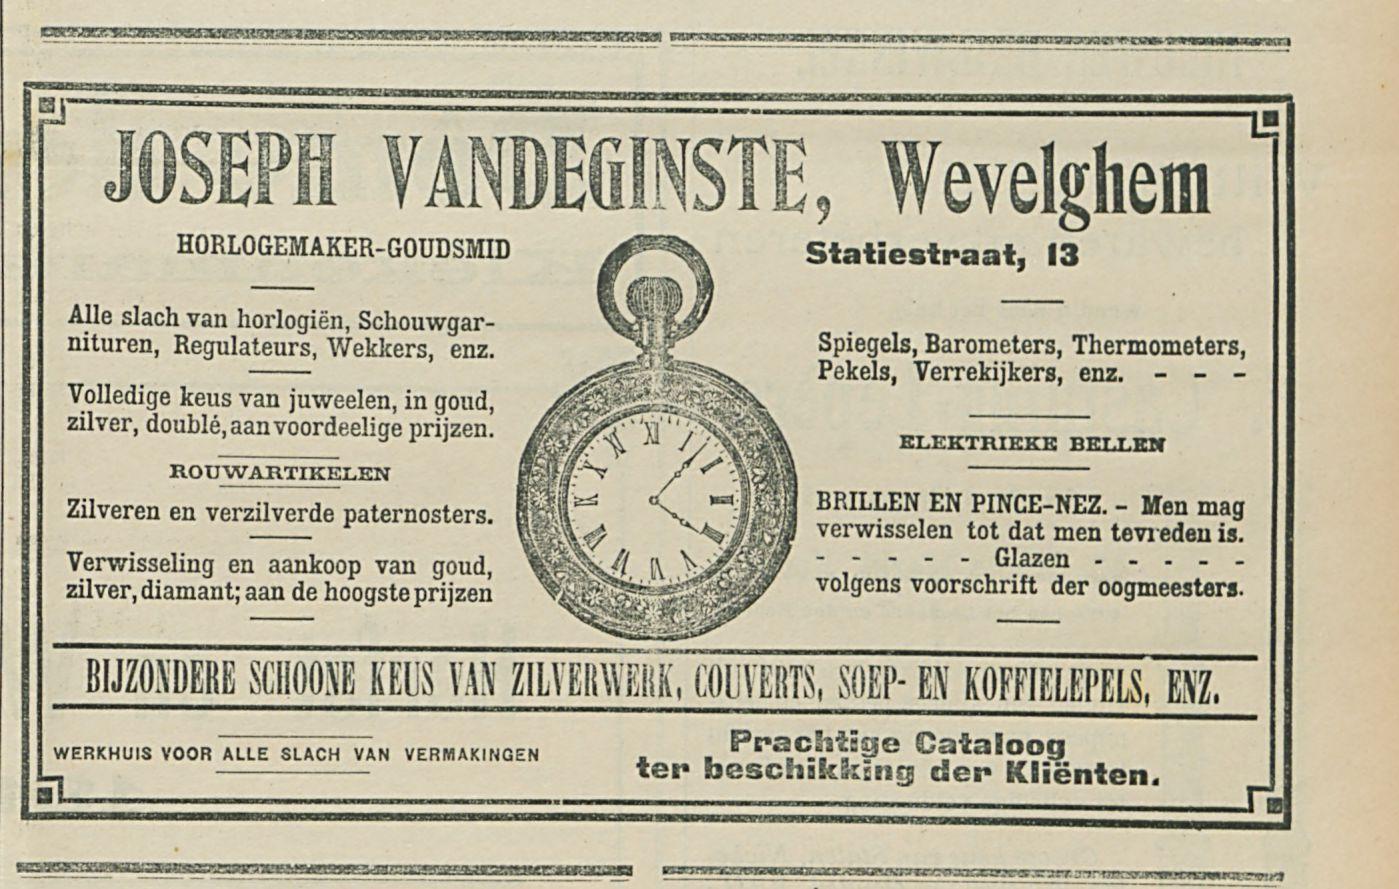 JOSEPH VANDEGINSTE Wevelghem